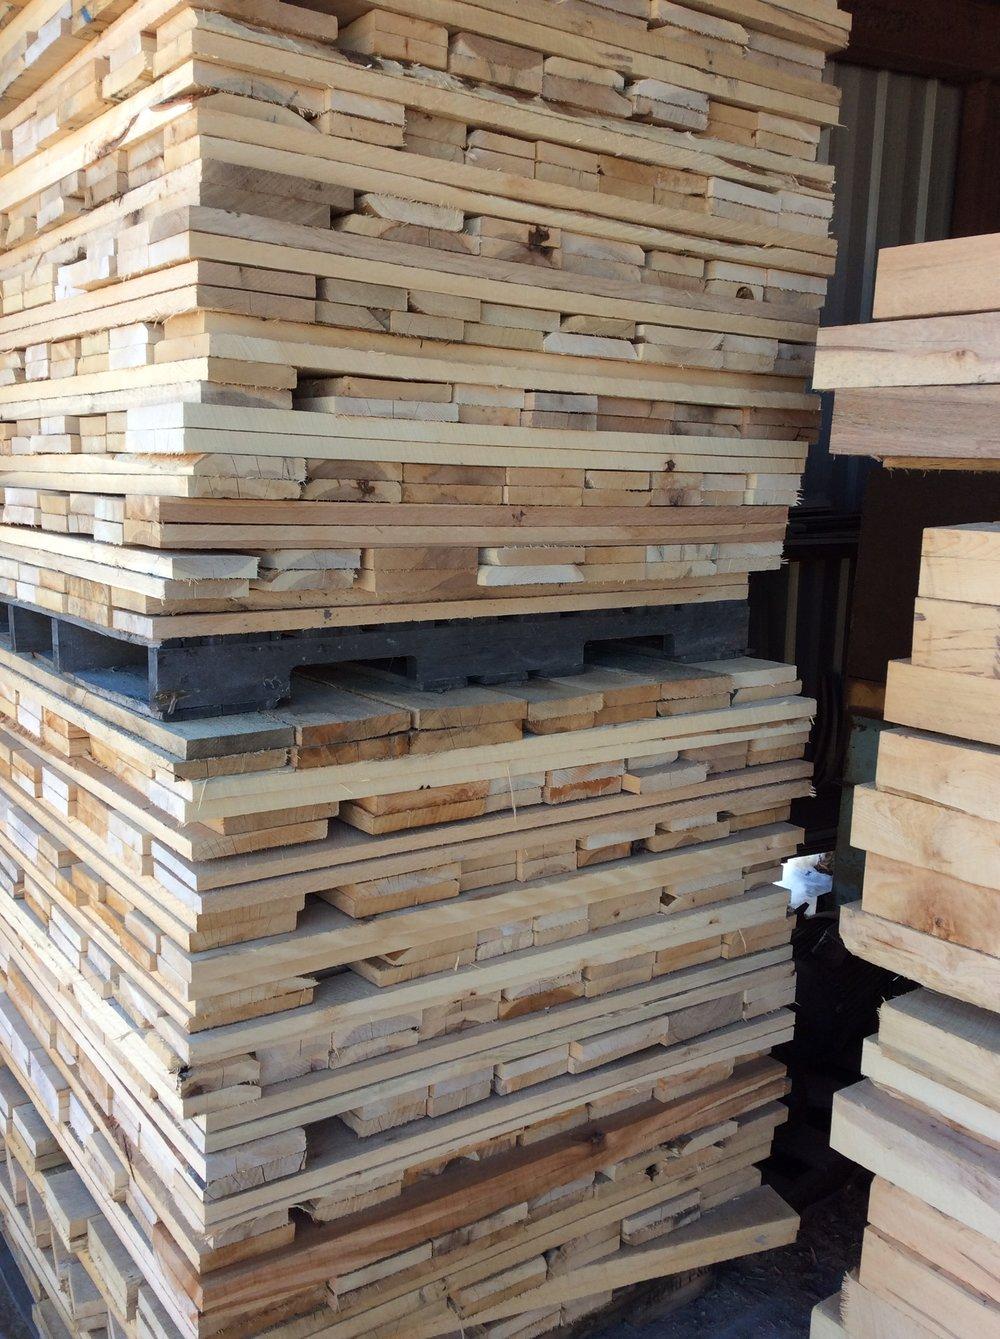 Pallet Wood.JPG